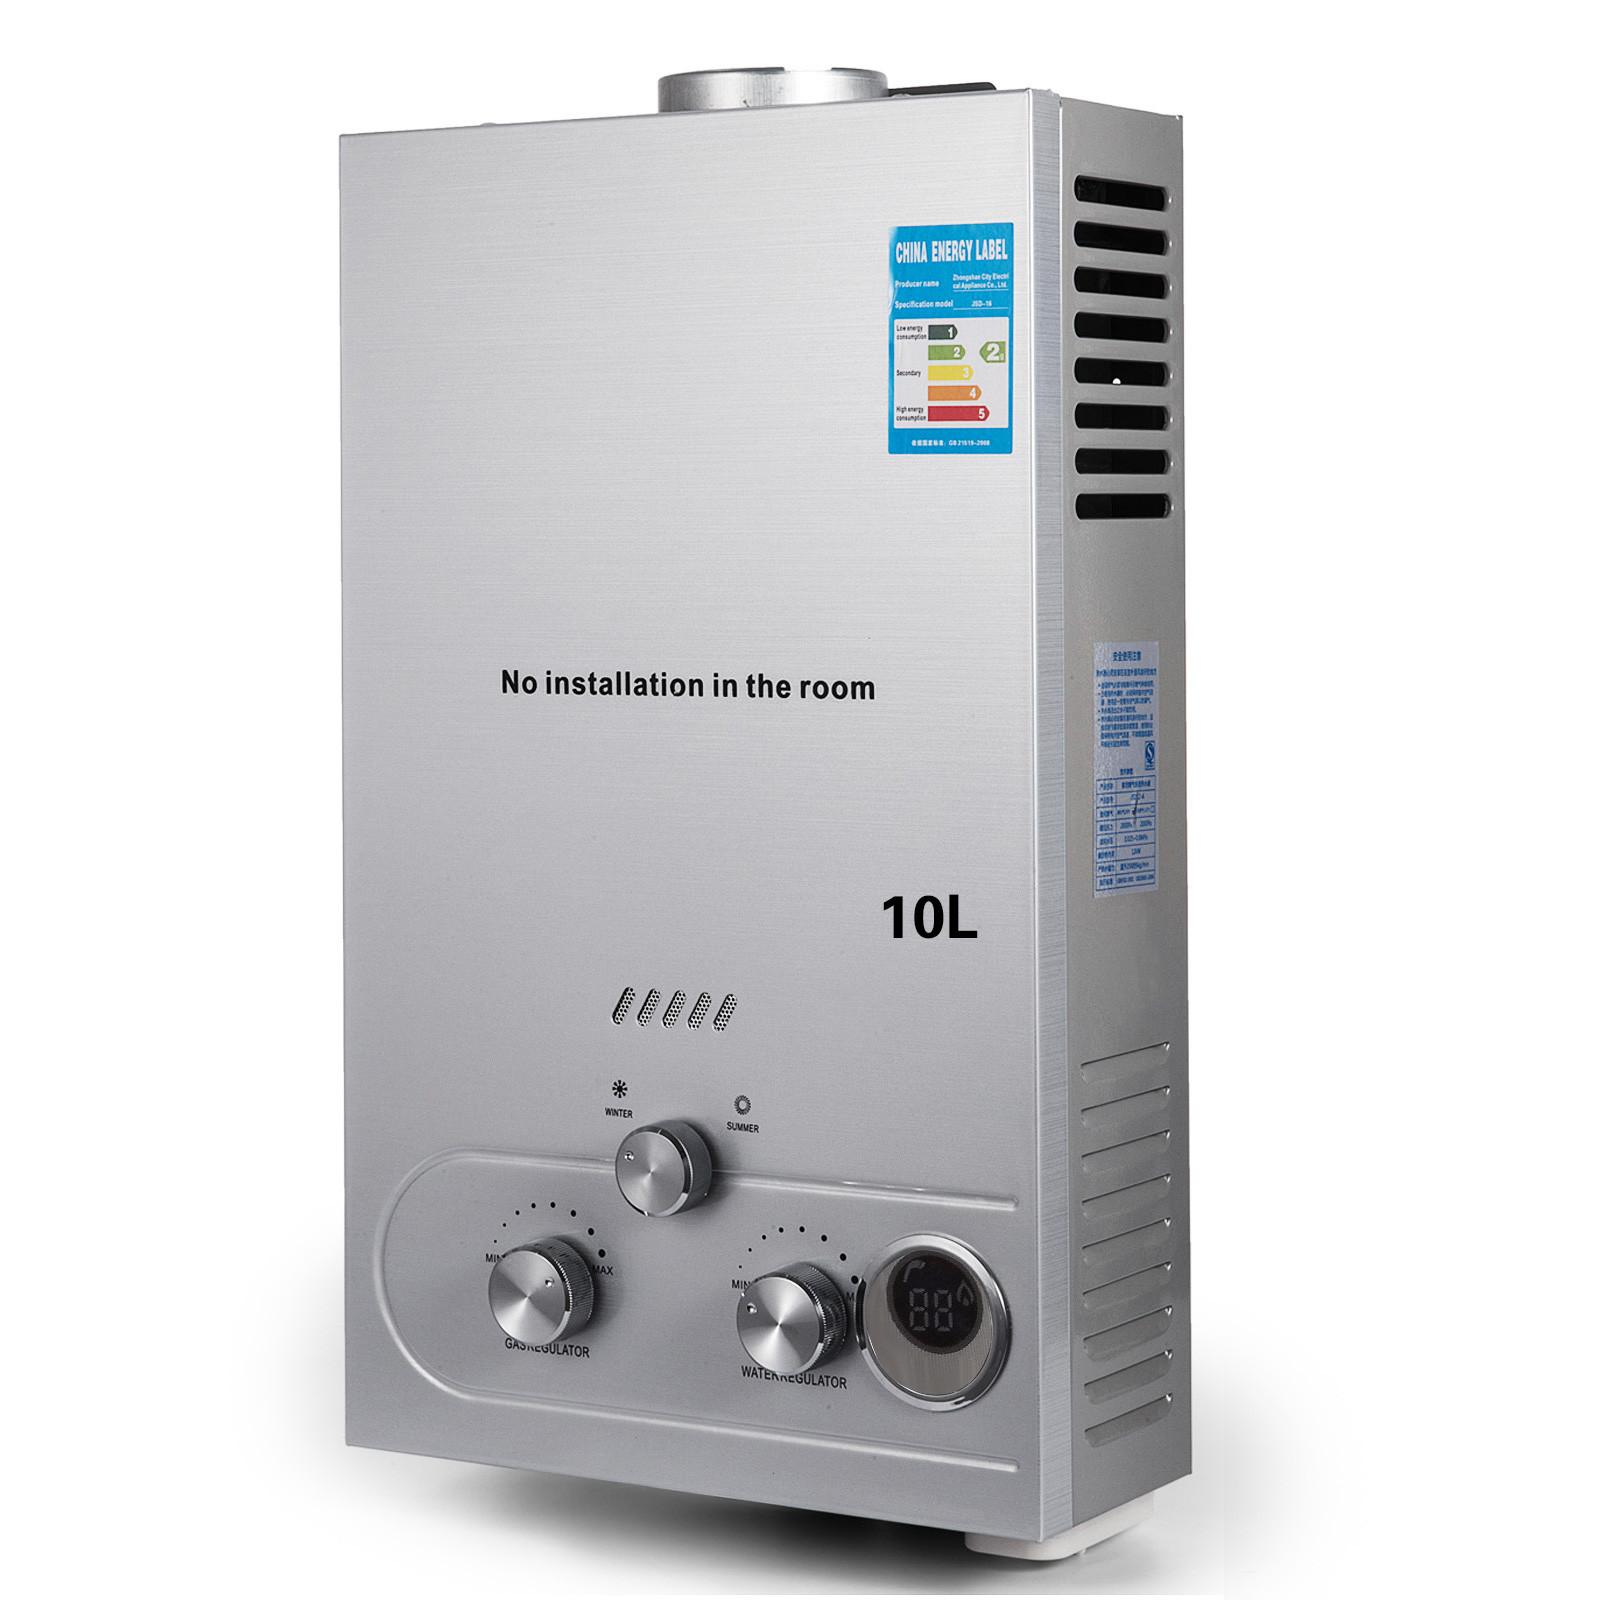 Propangas-Gas-Durchlauferhitzer-Warmwasserbereiter-Boiler-Warmwasserspeicher Indexbild 51